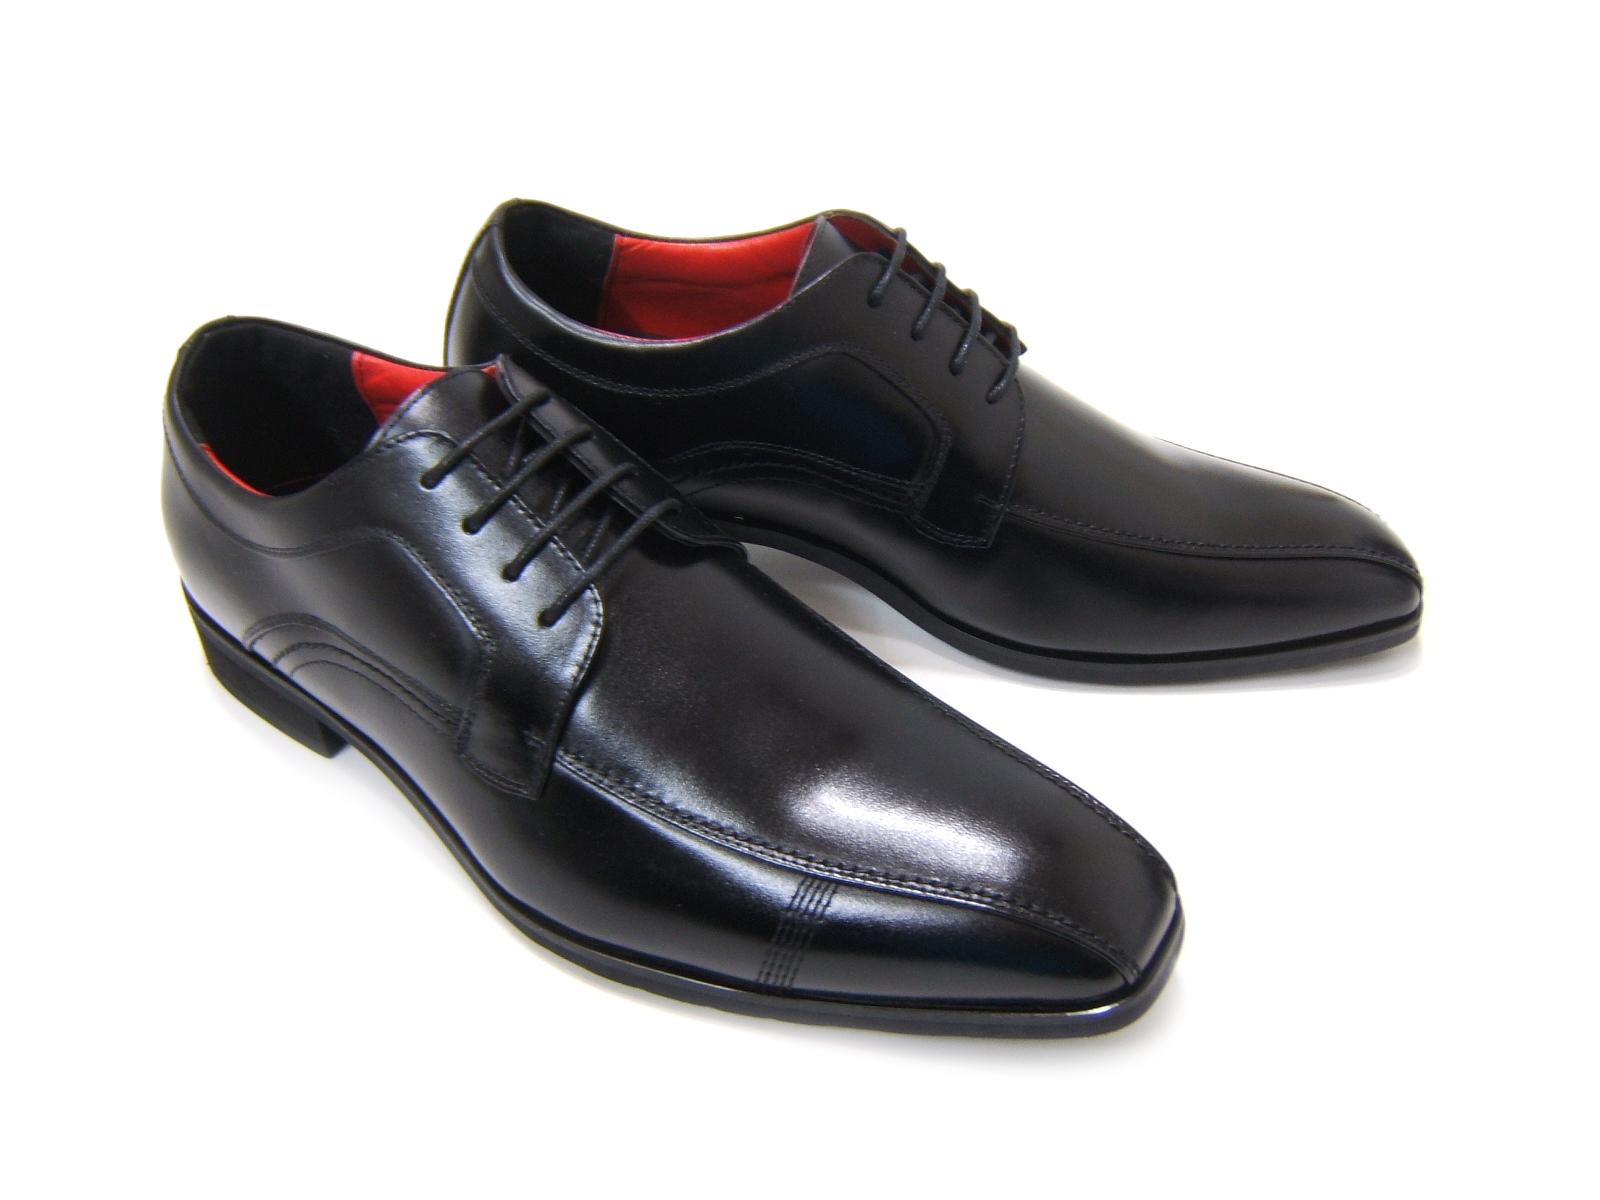 牛革仕様で光沢あるアッパー!信頼の日本製!HIROKO KOSHINO/ヒロコ コシノ ビジネス紳士靴 ブラック レースアップ スクエアHK5553 3Eワイズ ビジネス 送料無料